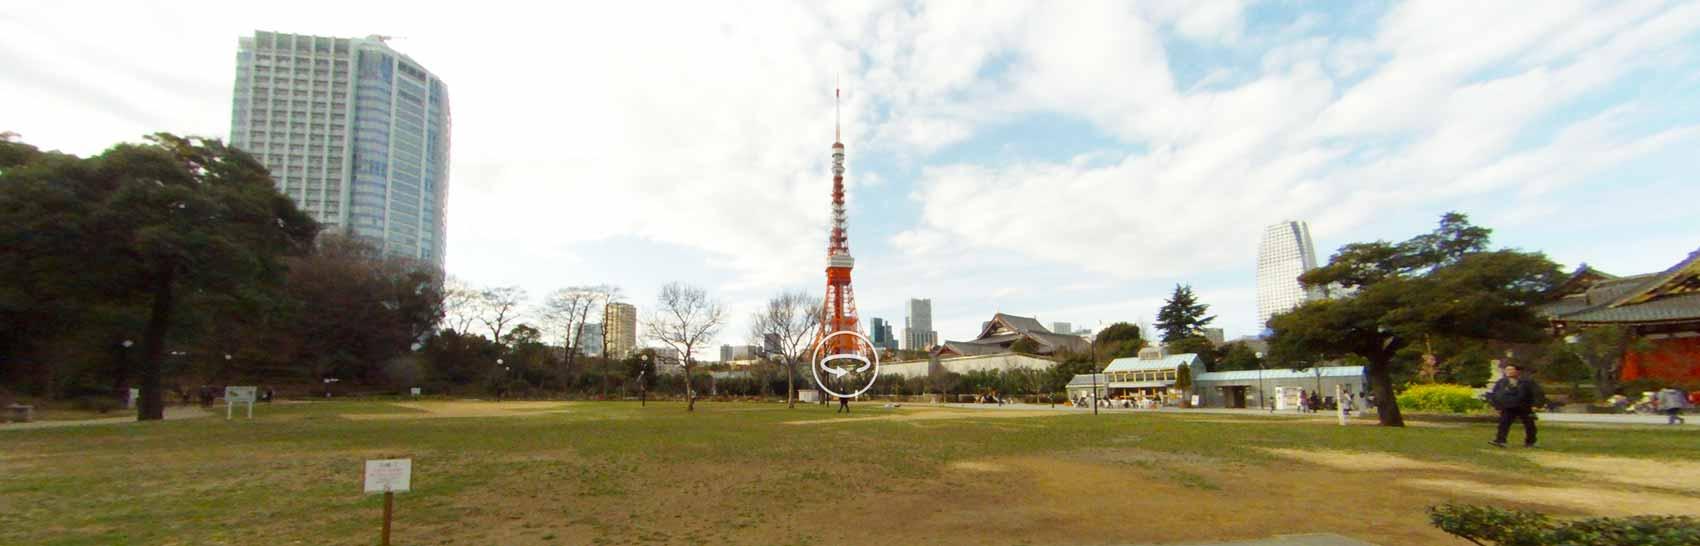 360度カメラ「Entapano2」を持って浜松町を探索